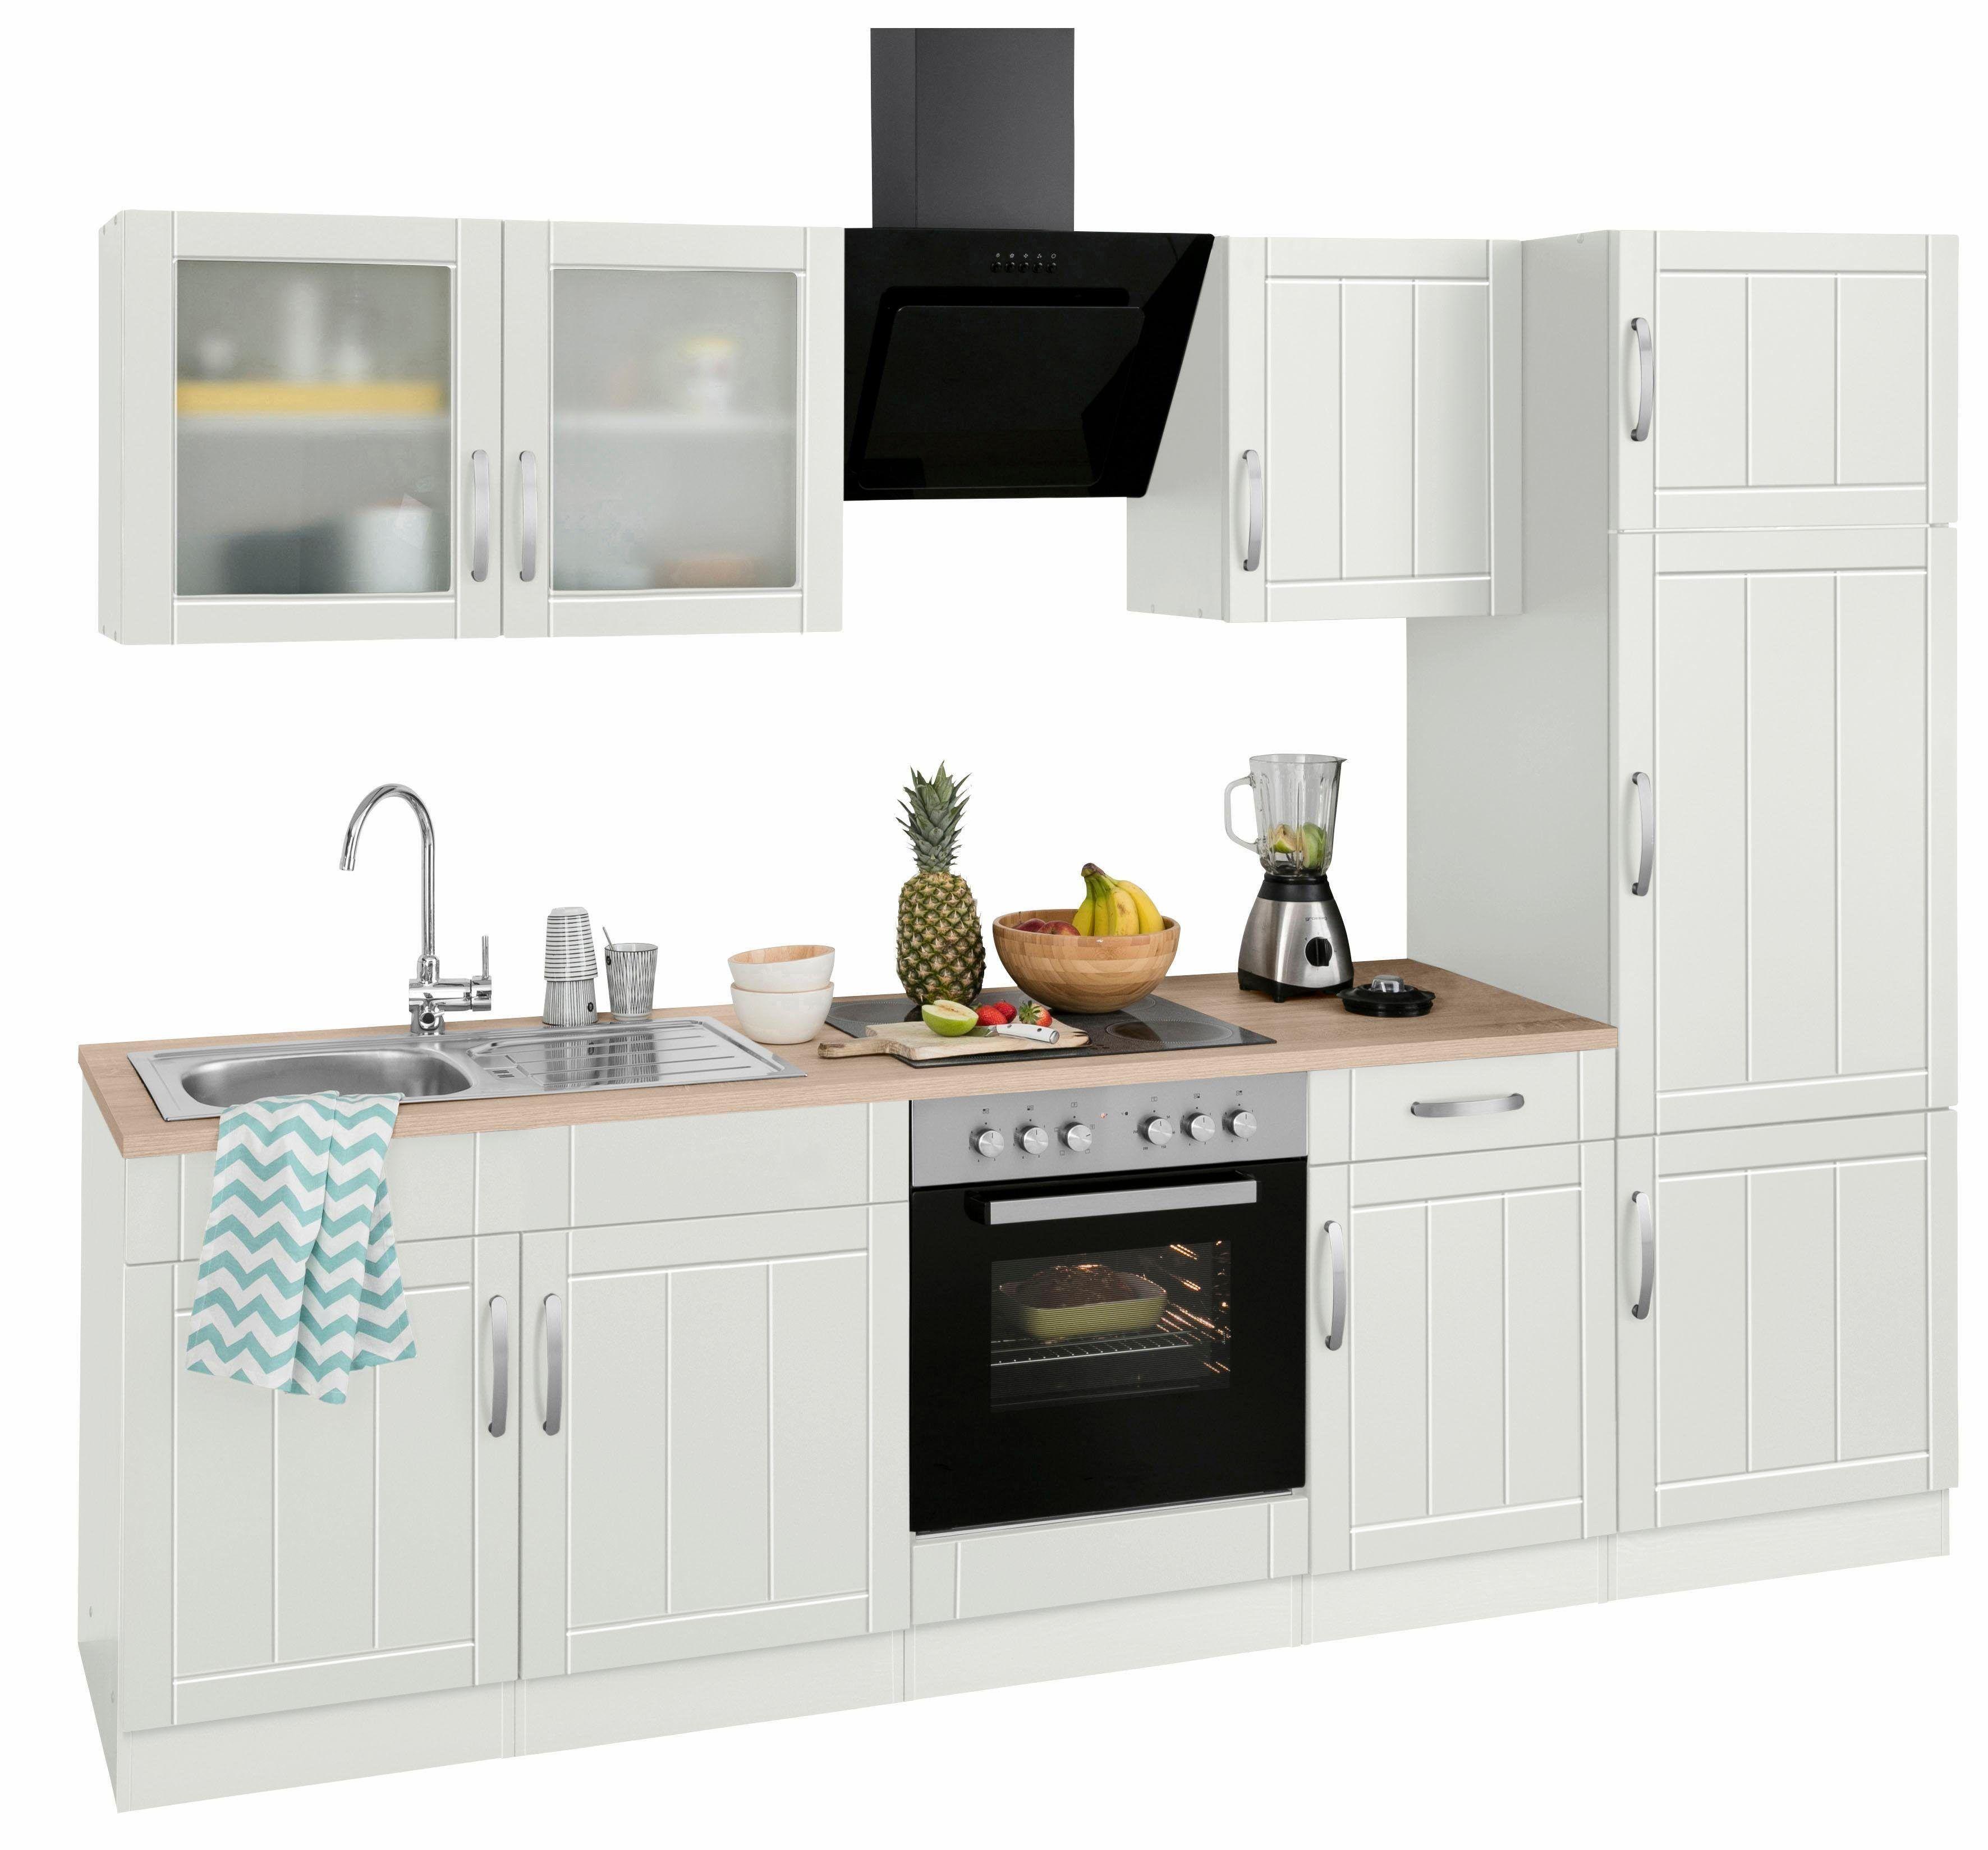 Küchenzeile mit E-Geräten weiß, mit Aufbauservice, »Lund«, Held